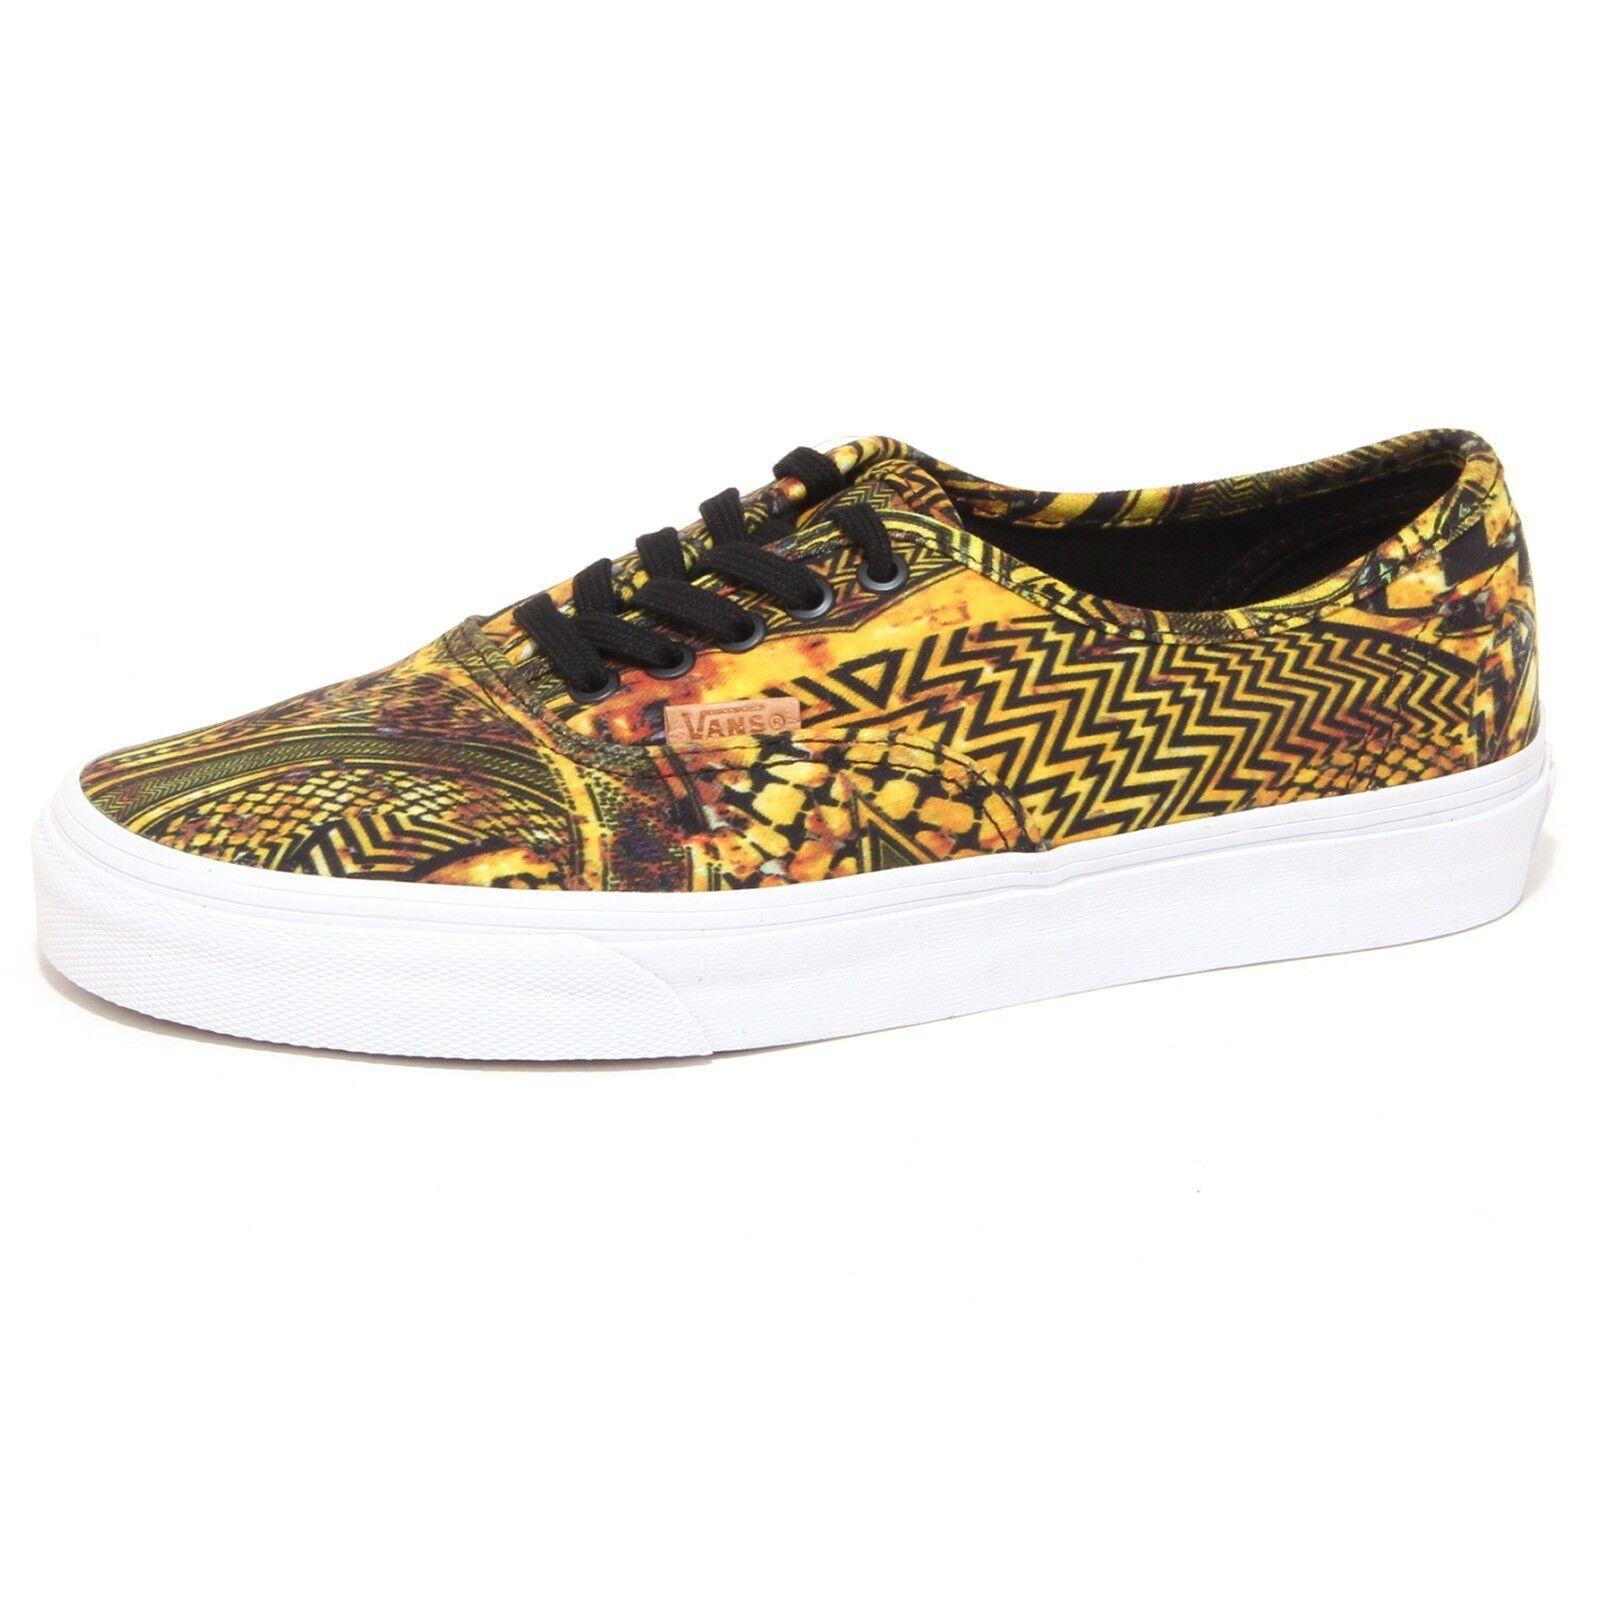 7912P AUTHENTIC sneaker donna VANS AUTHENTIC 7912P CA giallo/nero shoe woman f8d421